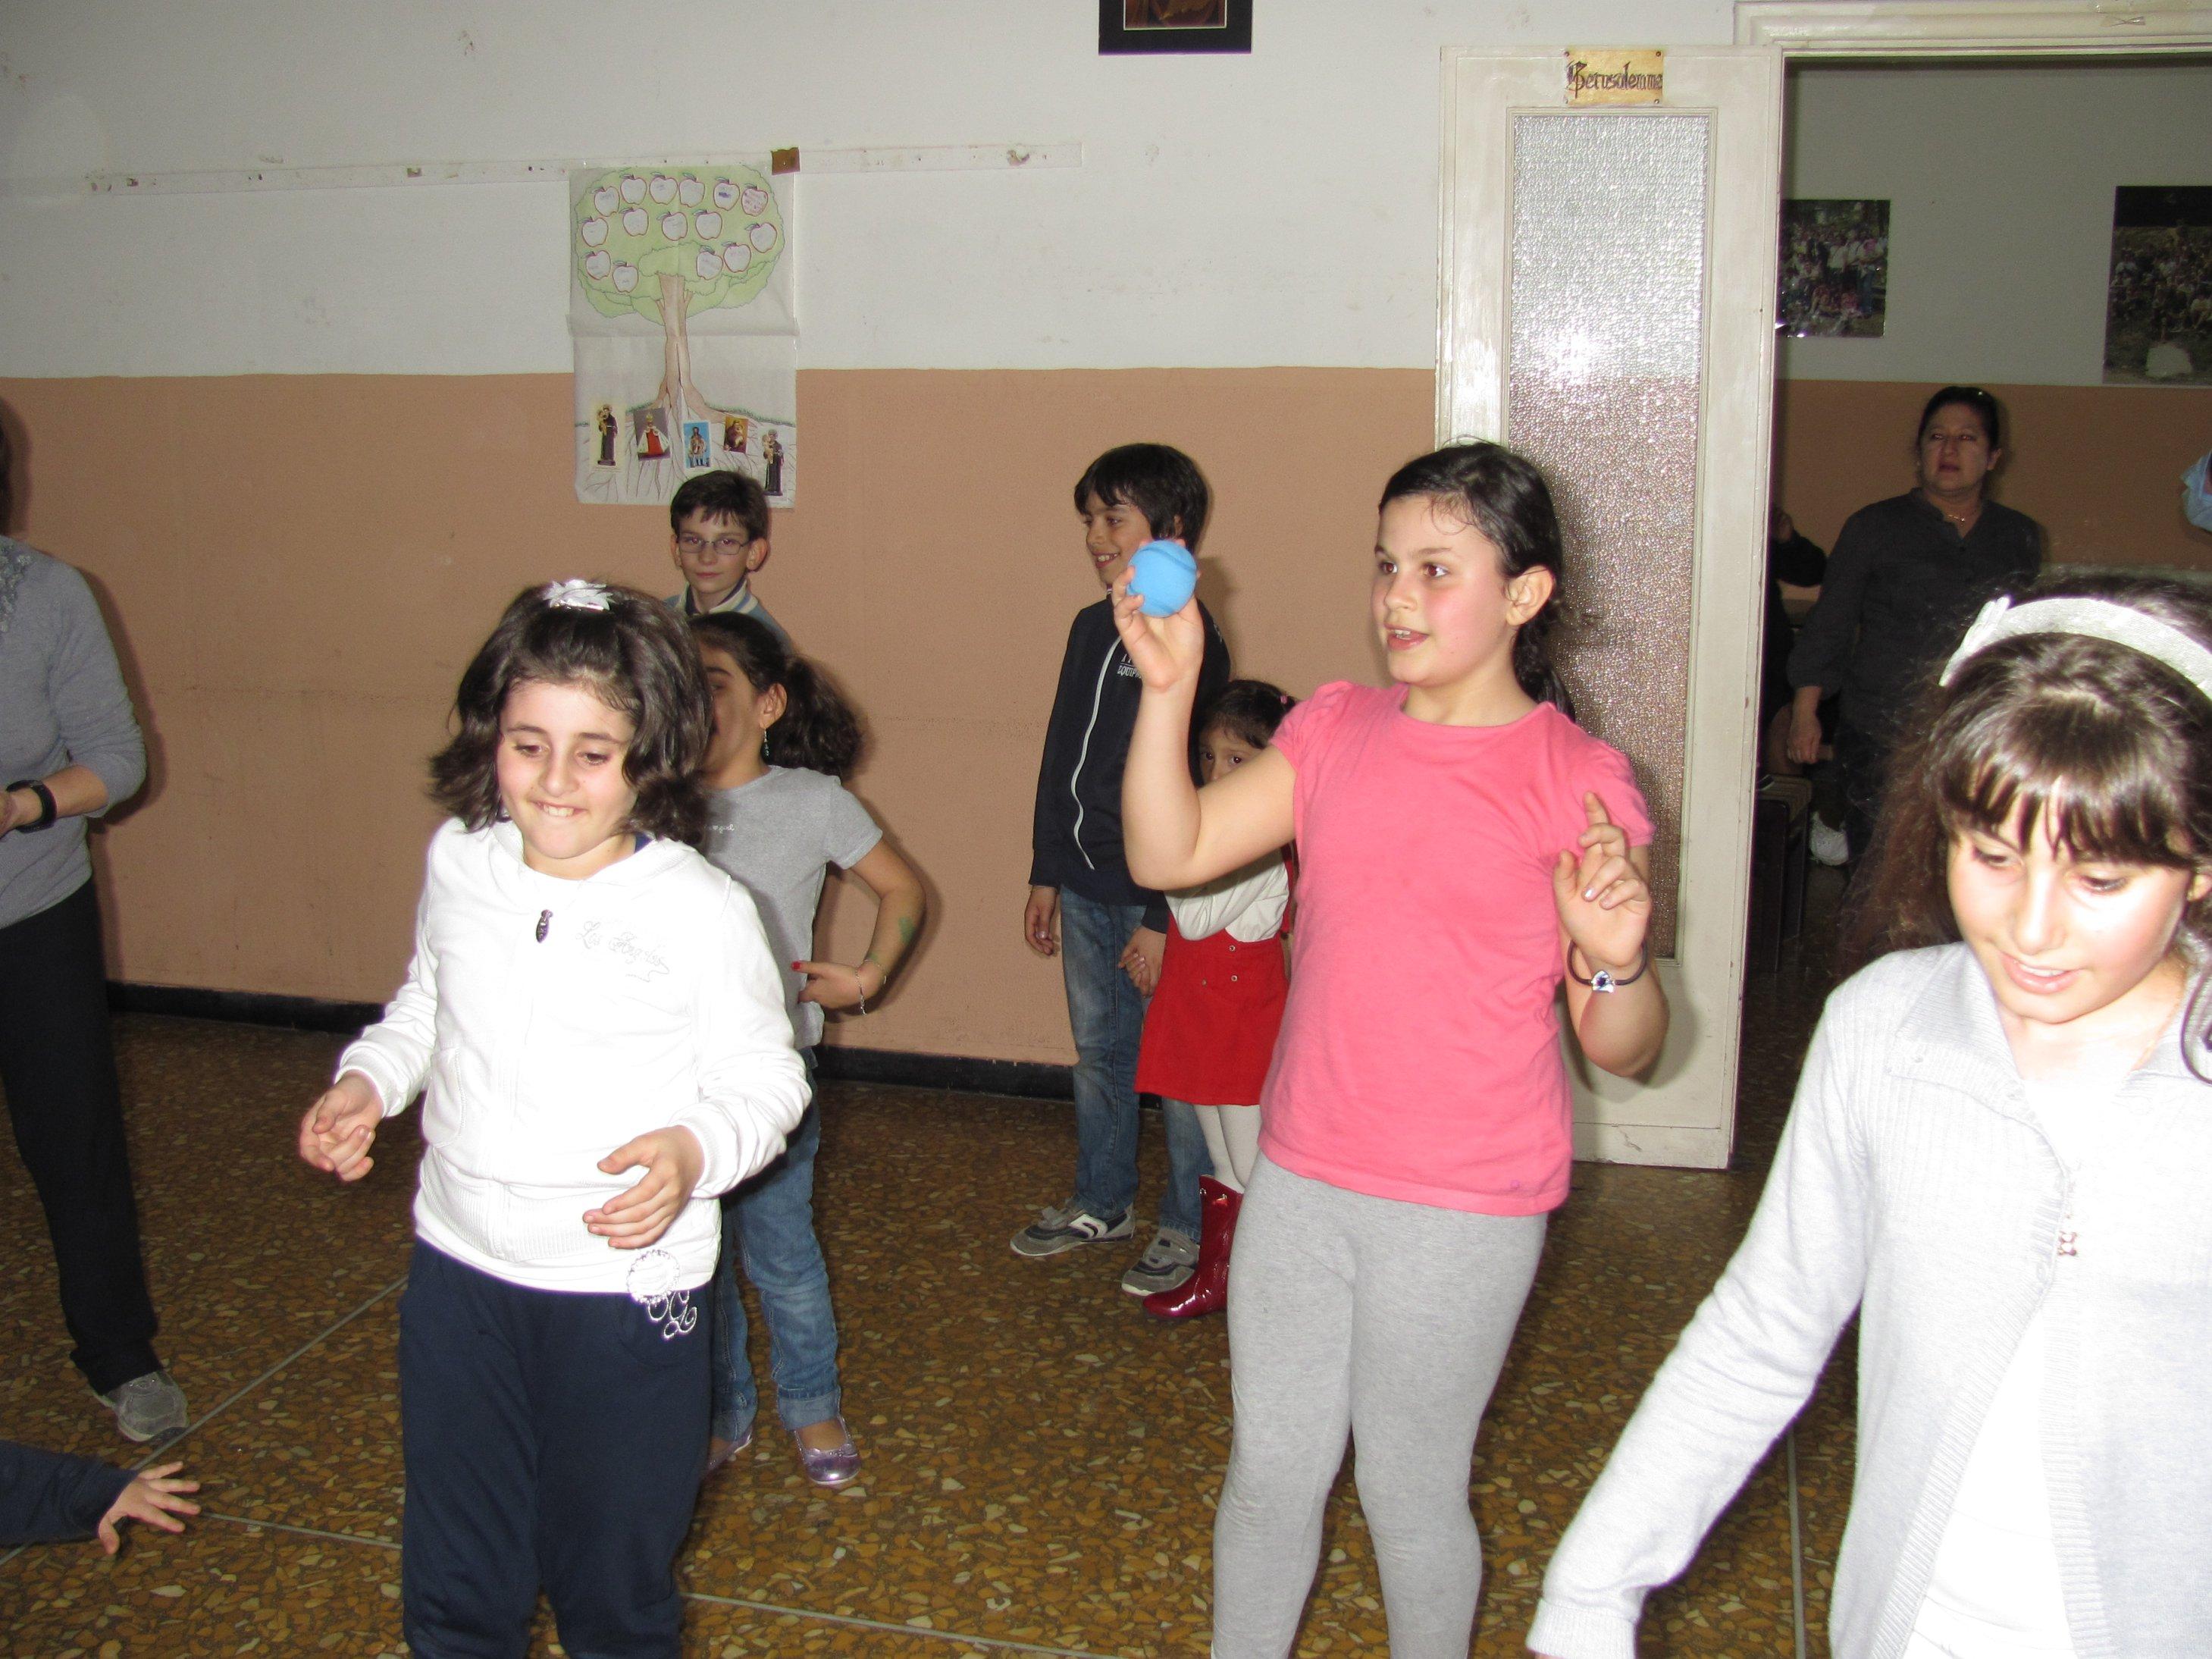 cena_prima_comunione_2012-04-28-20-59-37